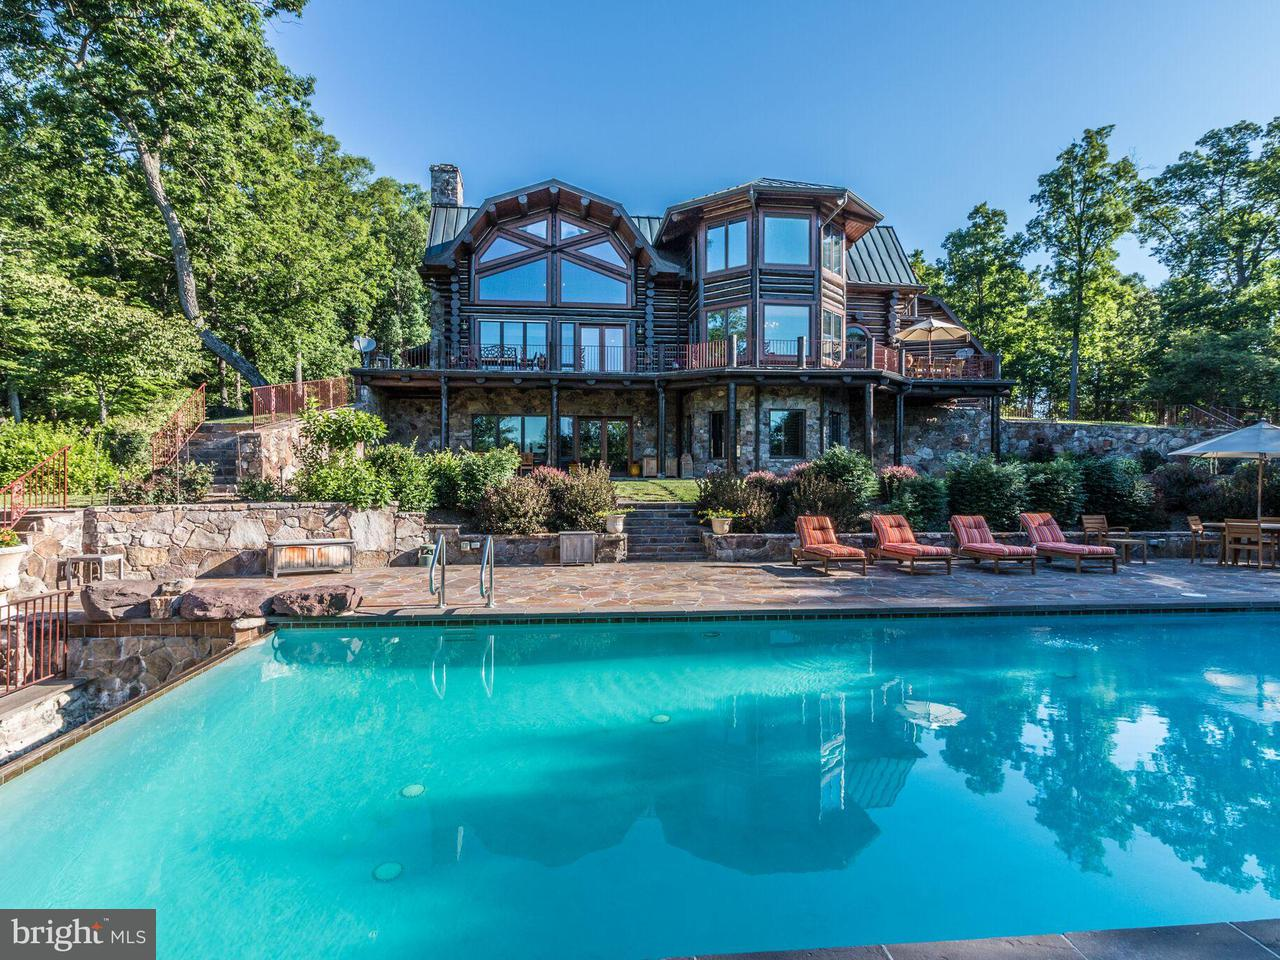 独户住宅 为 销售 在 610 PIN OAK Road 610 PIN OAK Road Paw Paw, 西弗吉尼亚州 25434 美国